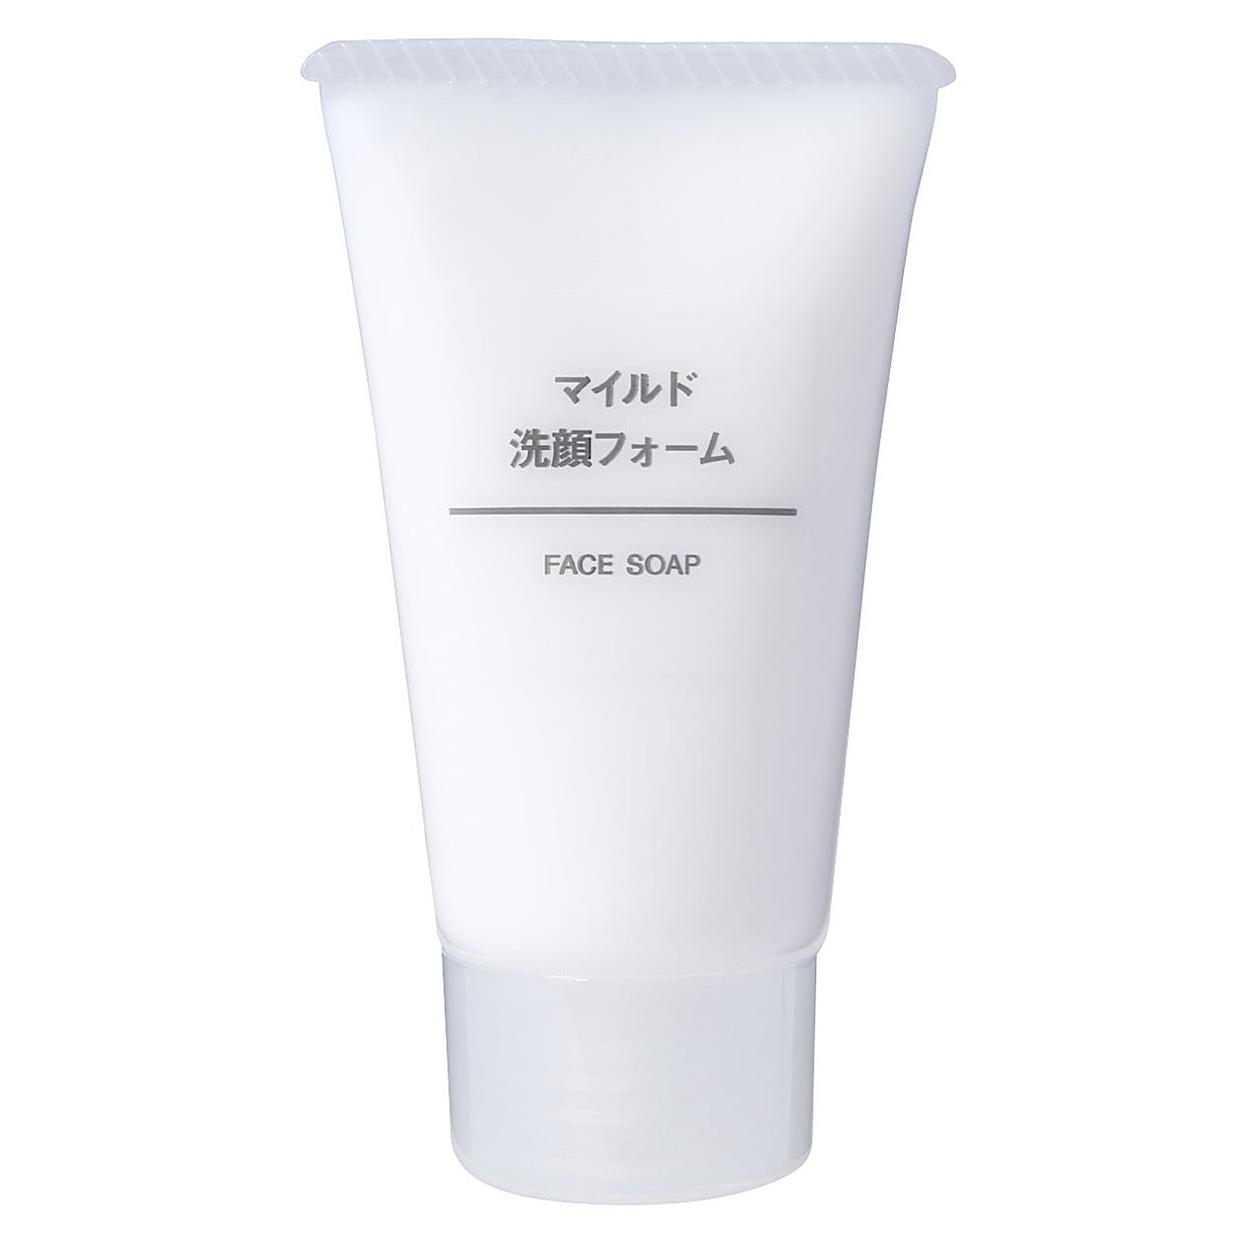 無印良品(MUJI) マイルド洗顔フォーム